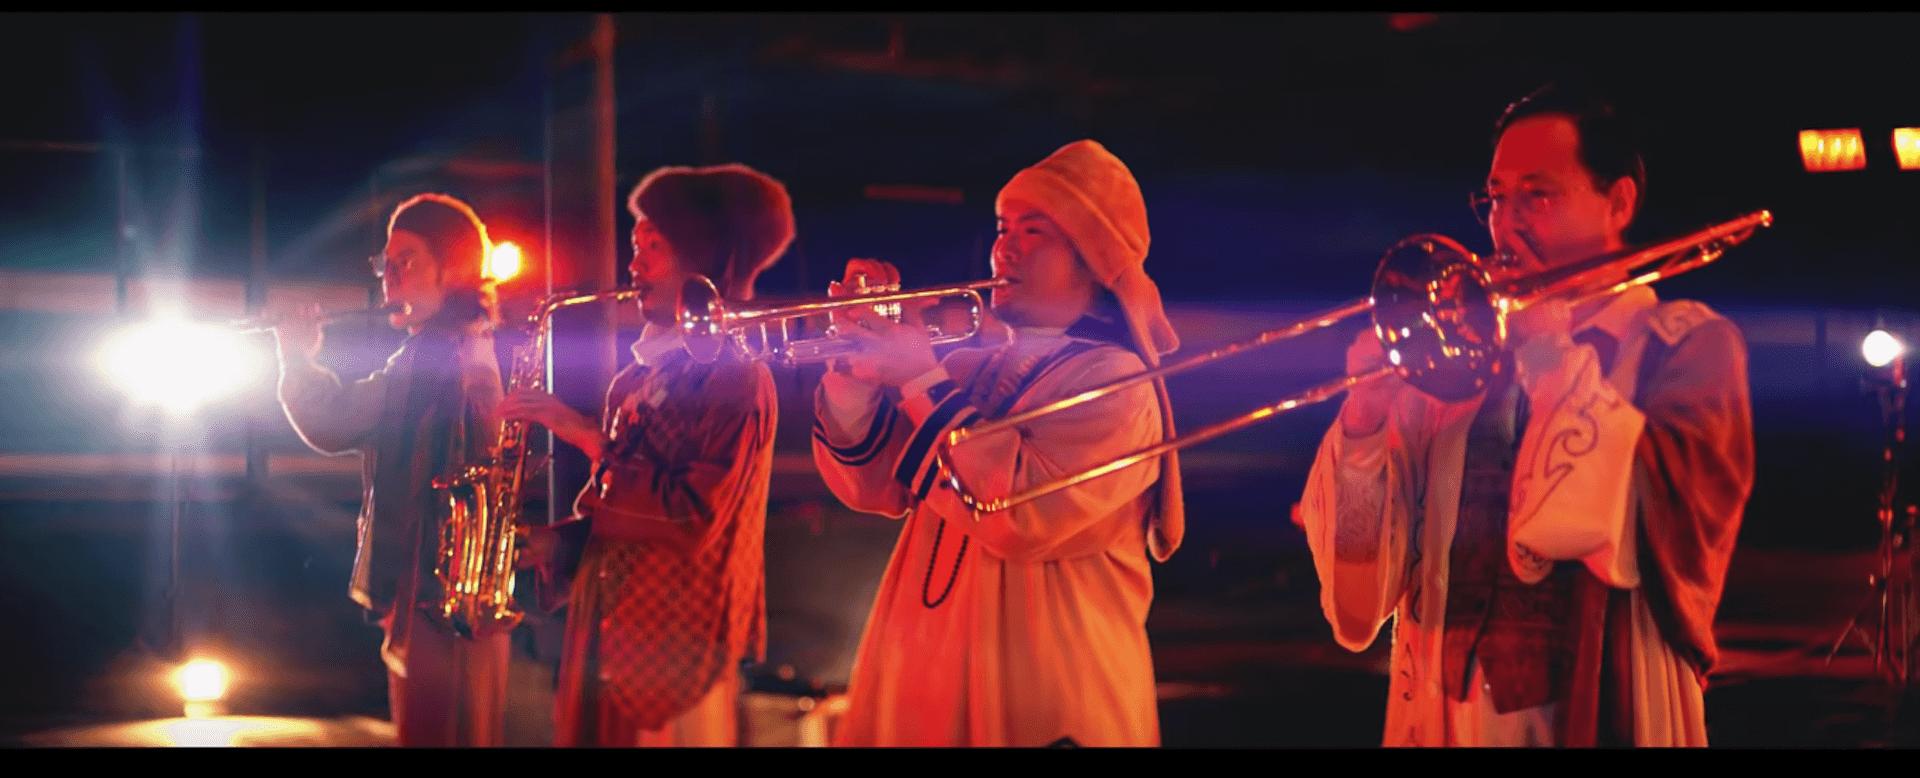 椎名林檎『時効警察はじめました』主題歌「公然の秘密」のMVを公開|ベストアルバムにも収録 c54bc0468efc3f001c025ff60cb3a0e7